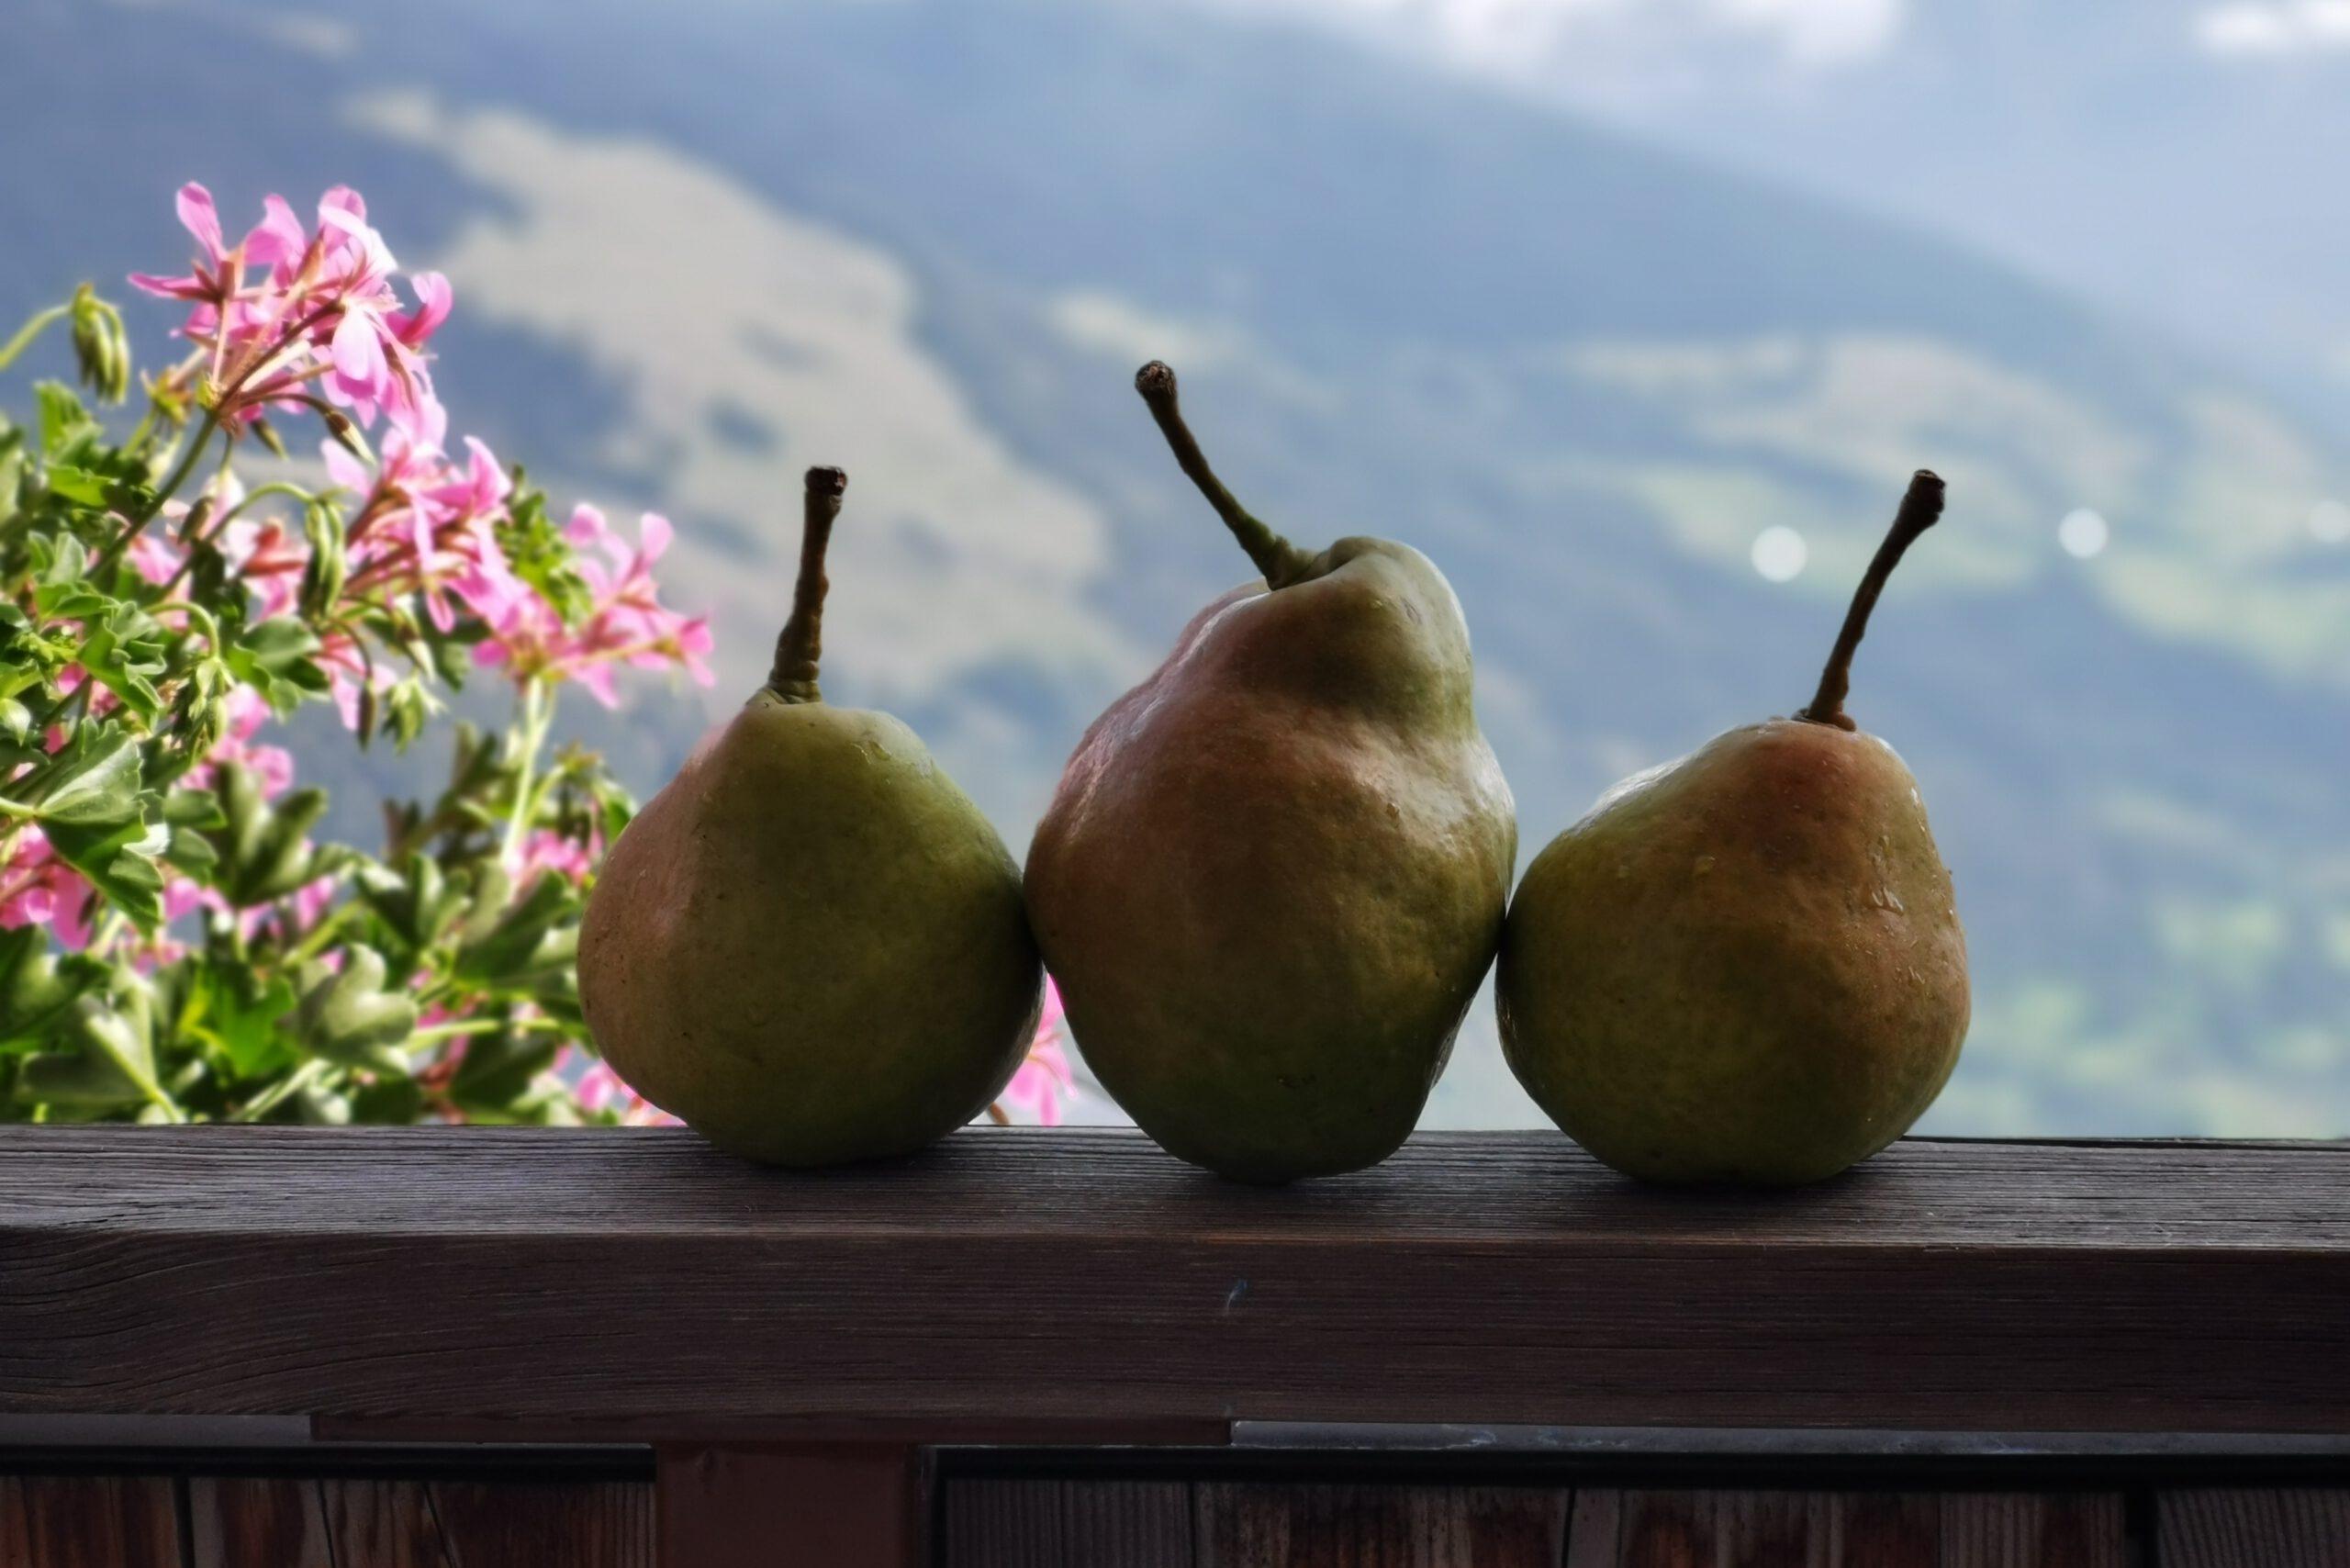 Walter und die Palabirne – wie ein Südtiroler Obstbauer eine uralte Birnensorte wiederentdeckt